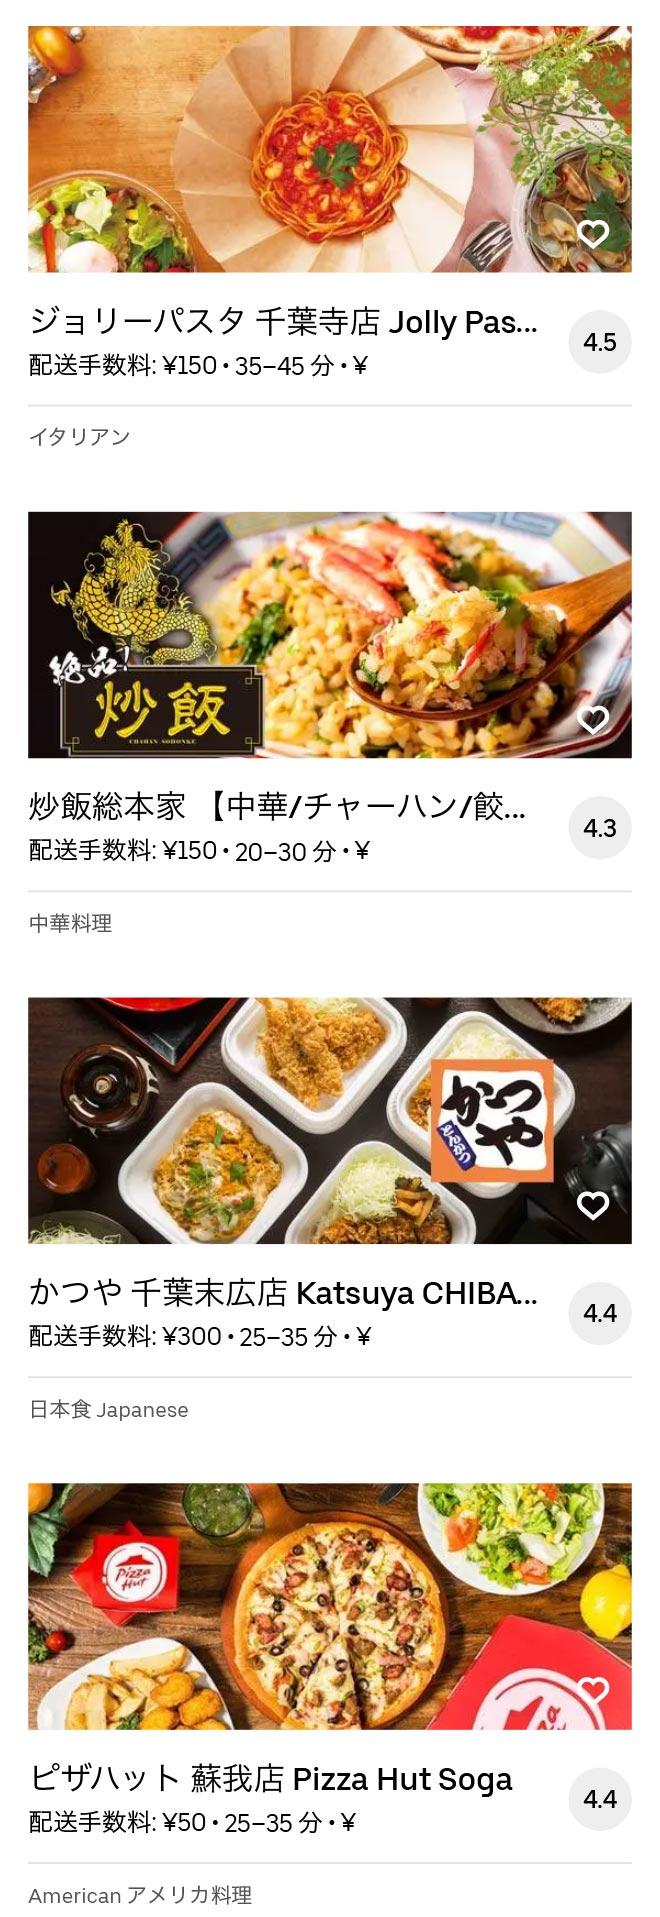 Soga menu 2010 08